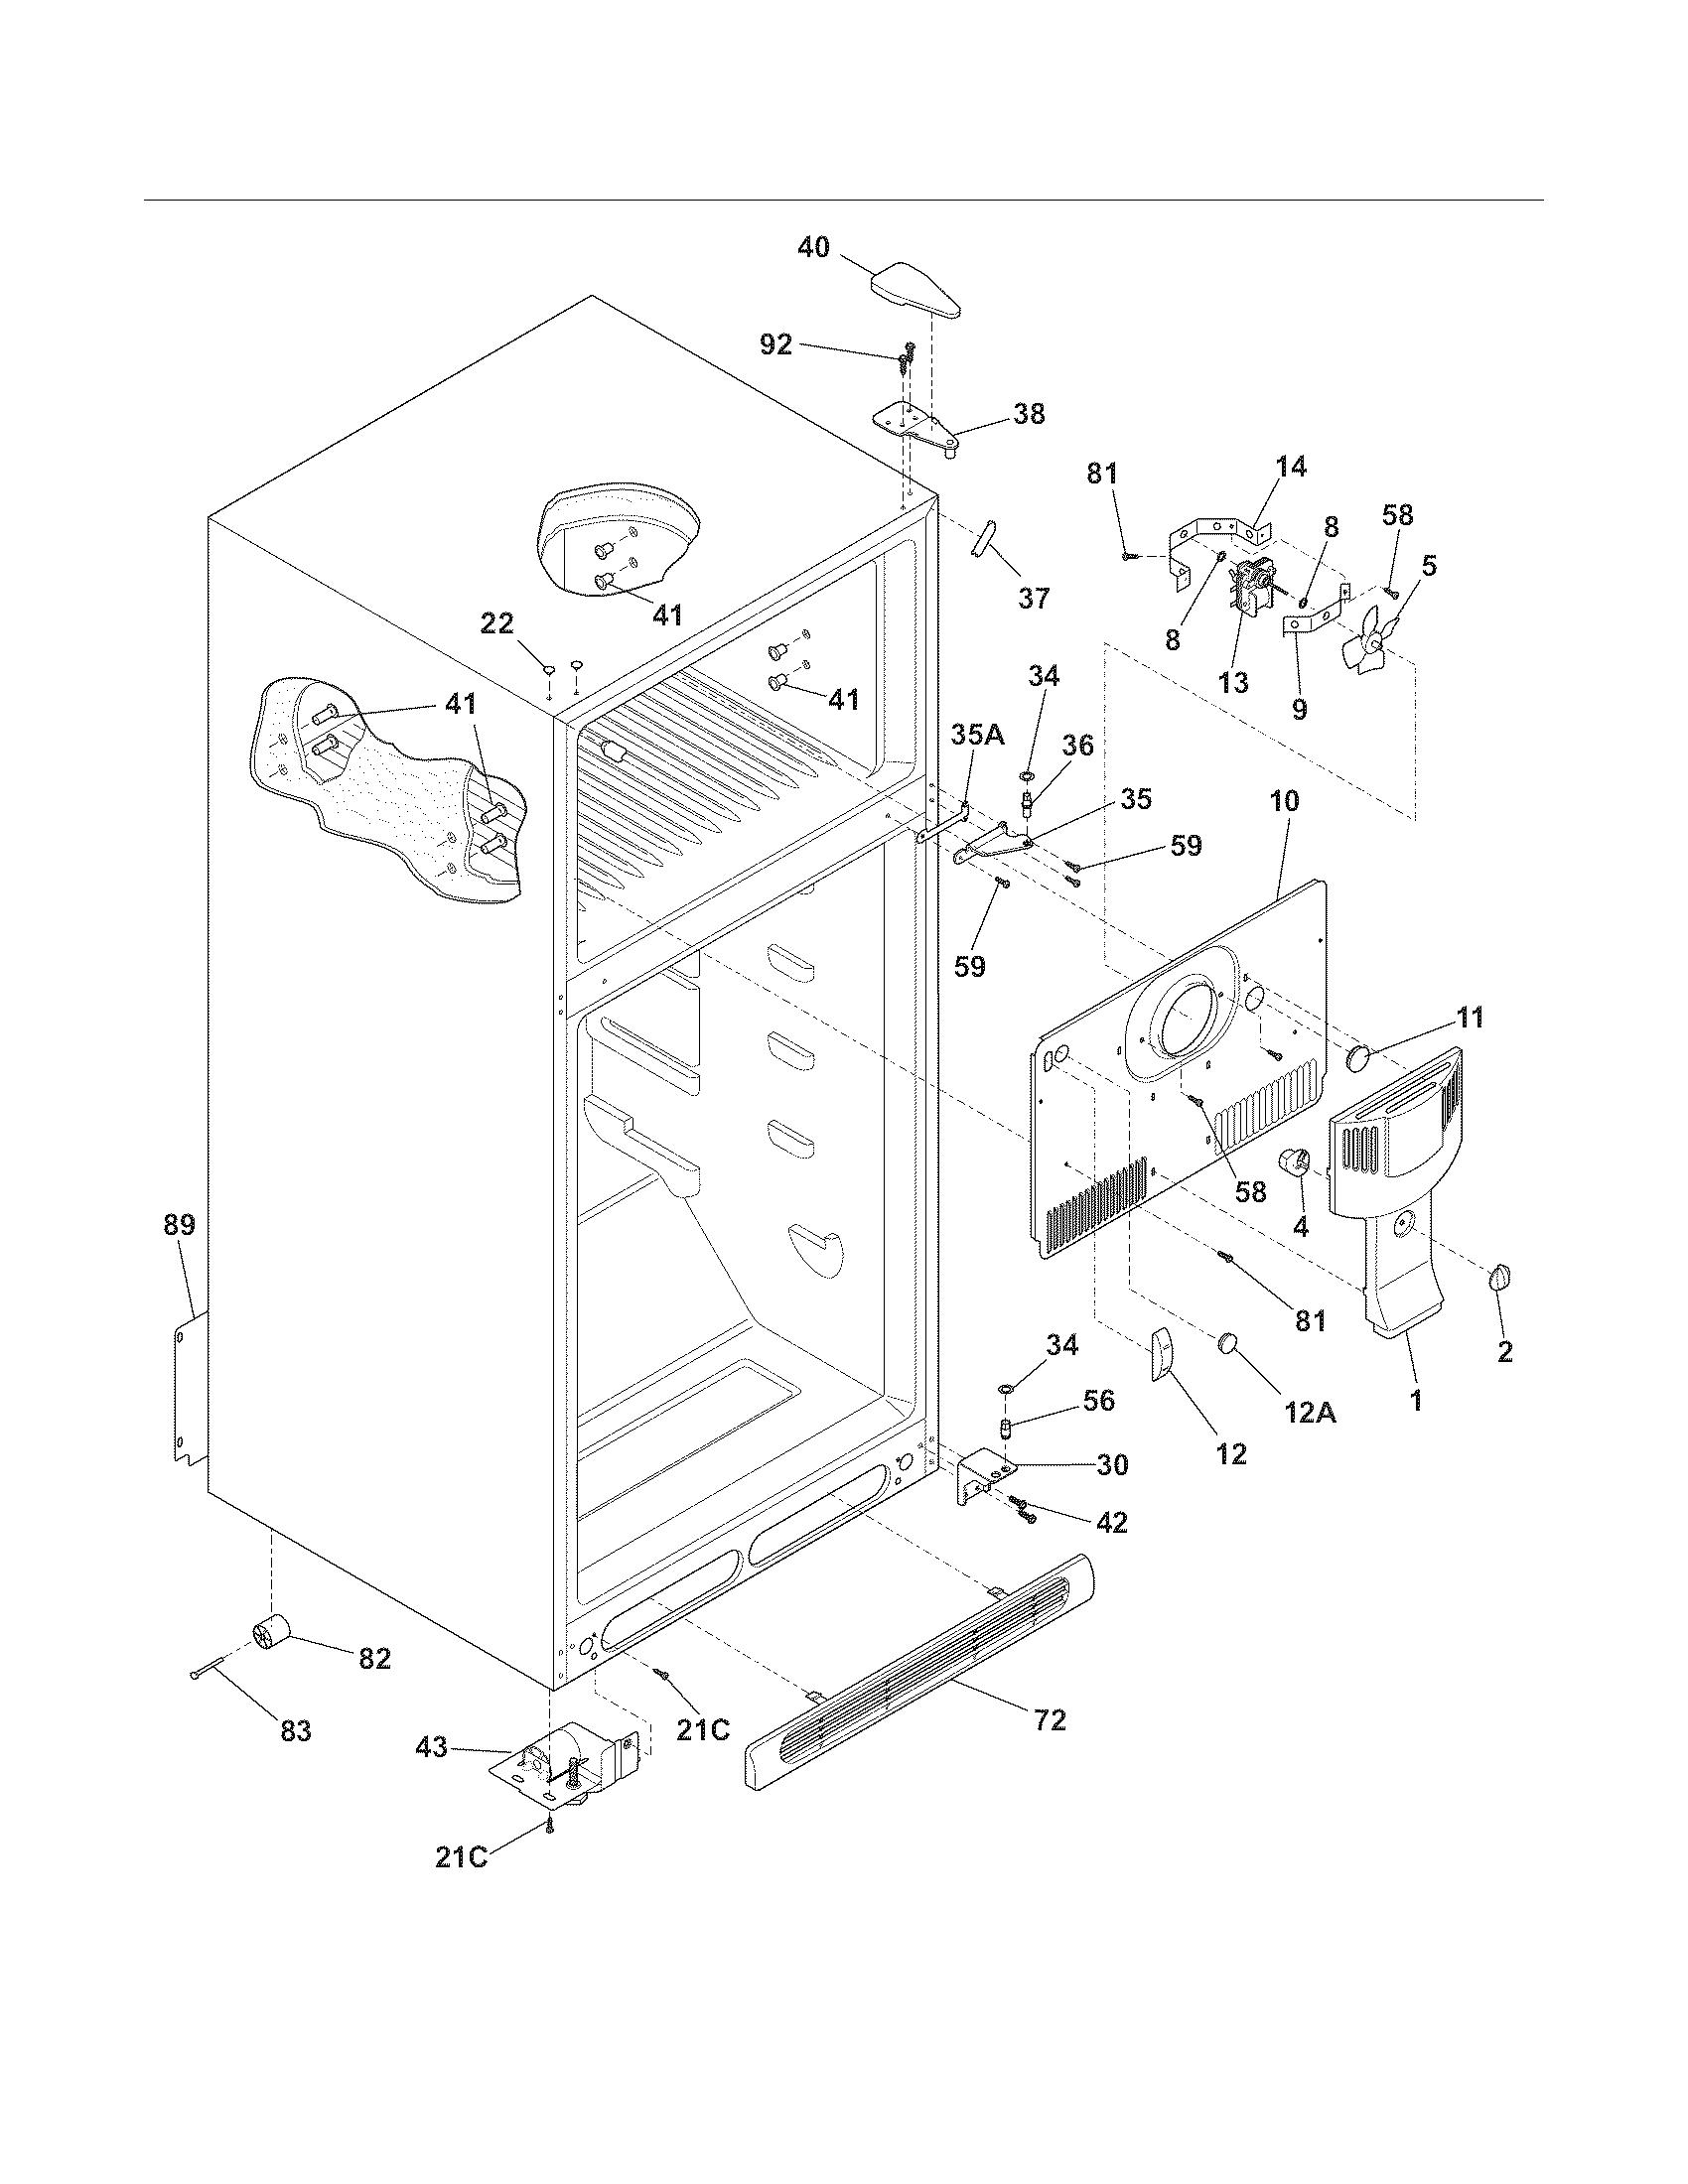 hight resolution of frigidaire refrigerator schematics blog wiring diagram schematic for frigidaire refrigerator